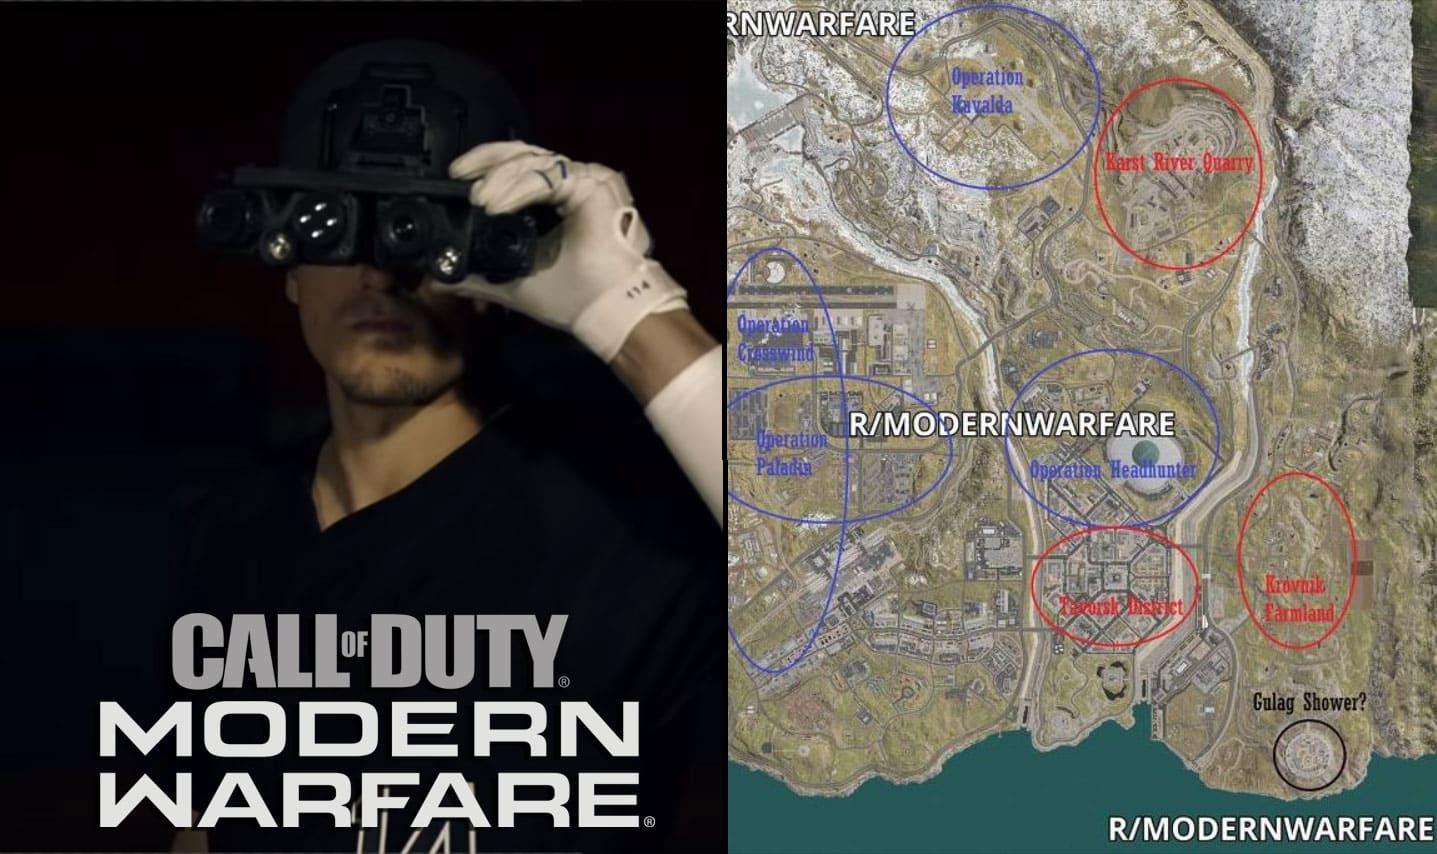 Call of Duty Modern Warfare Battle Royale Leaks Look Amazing